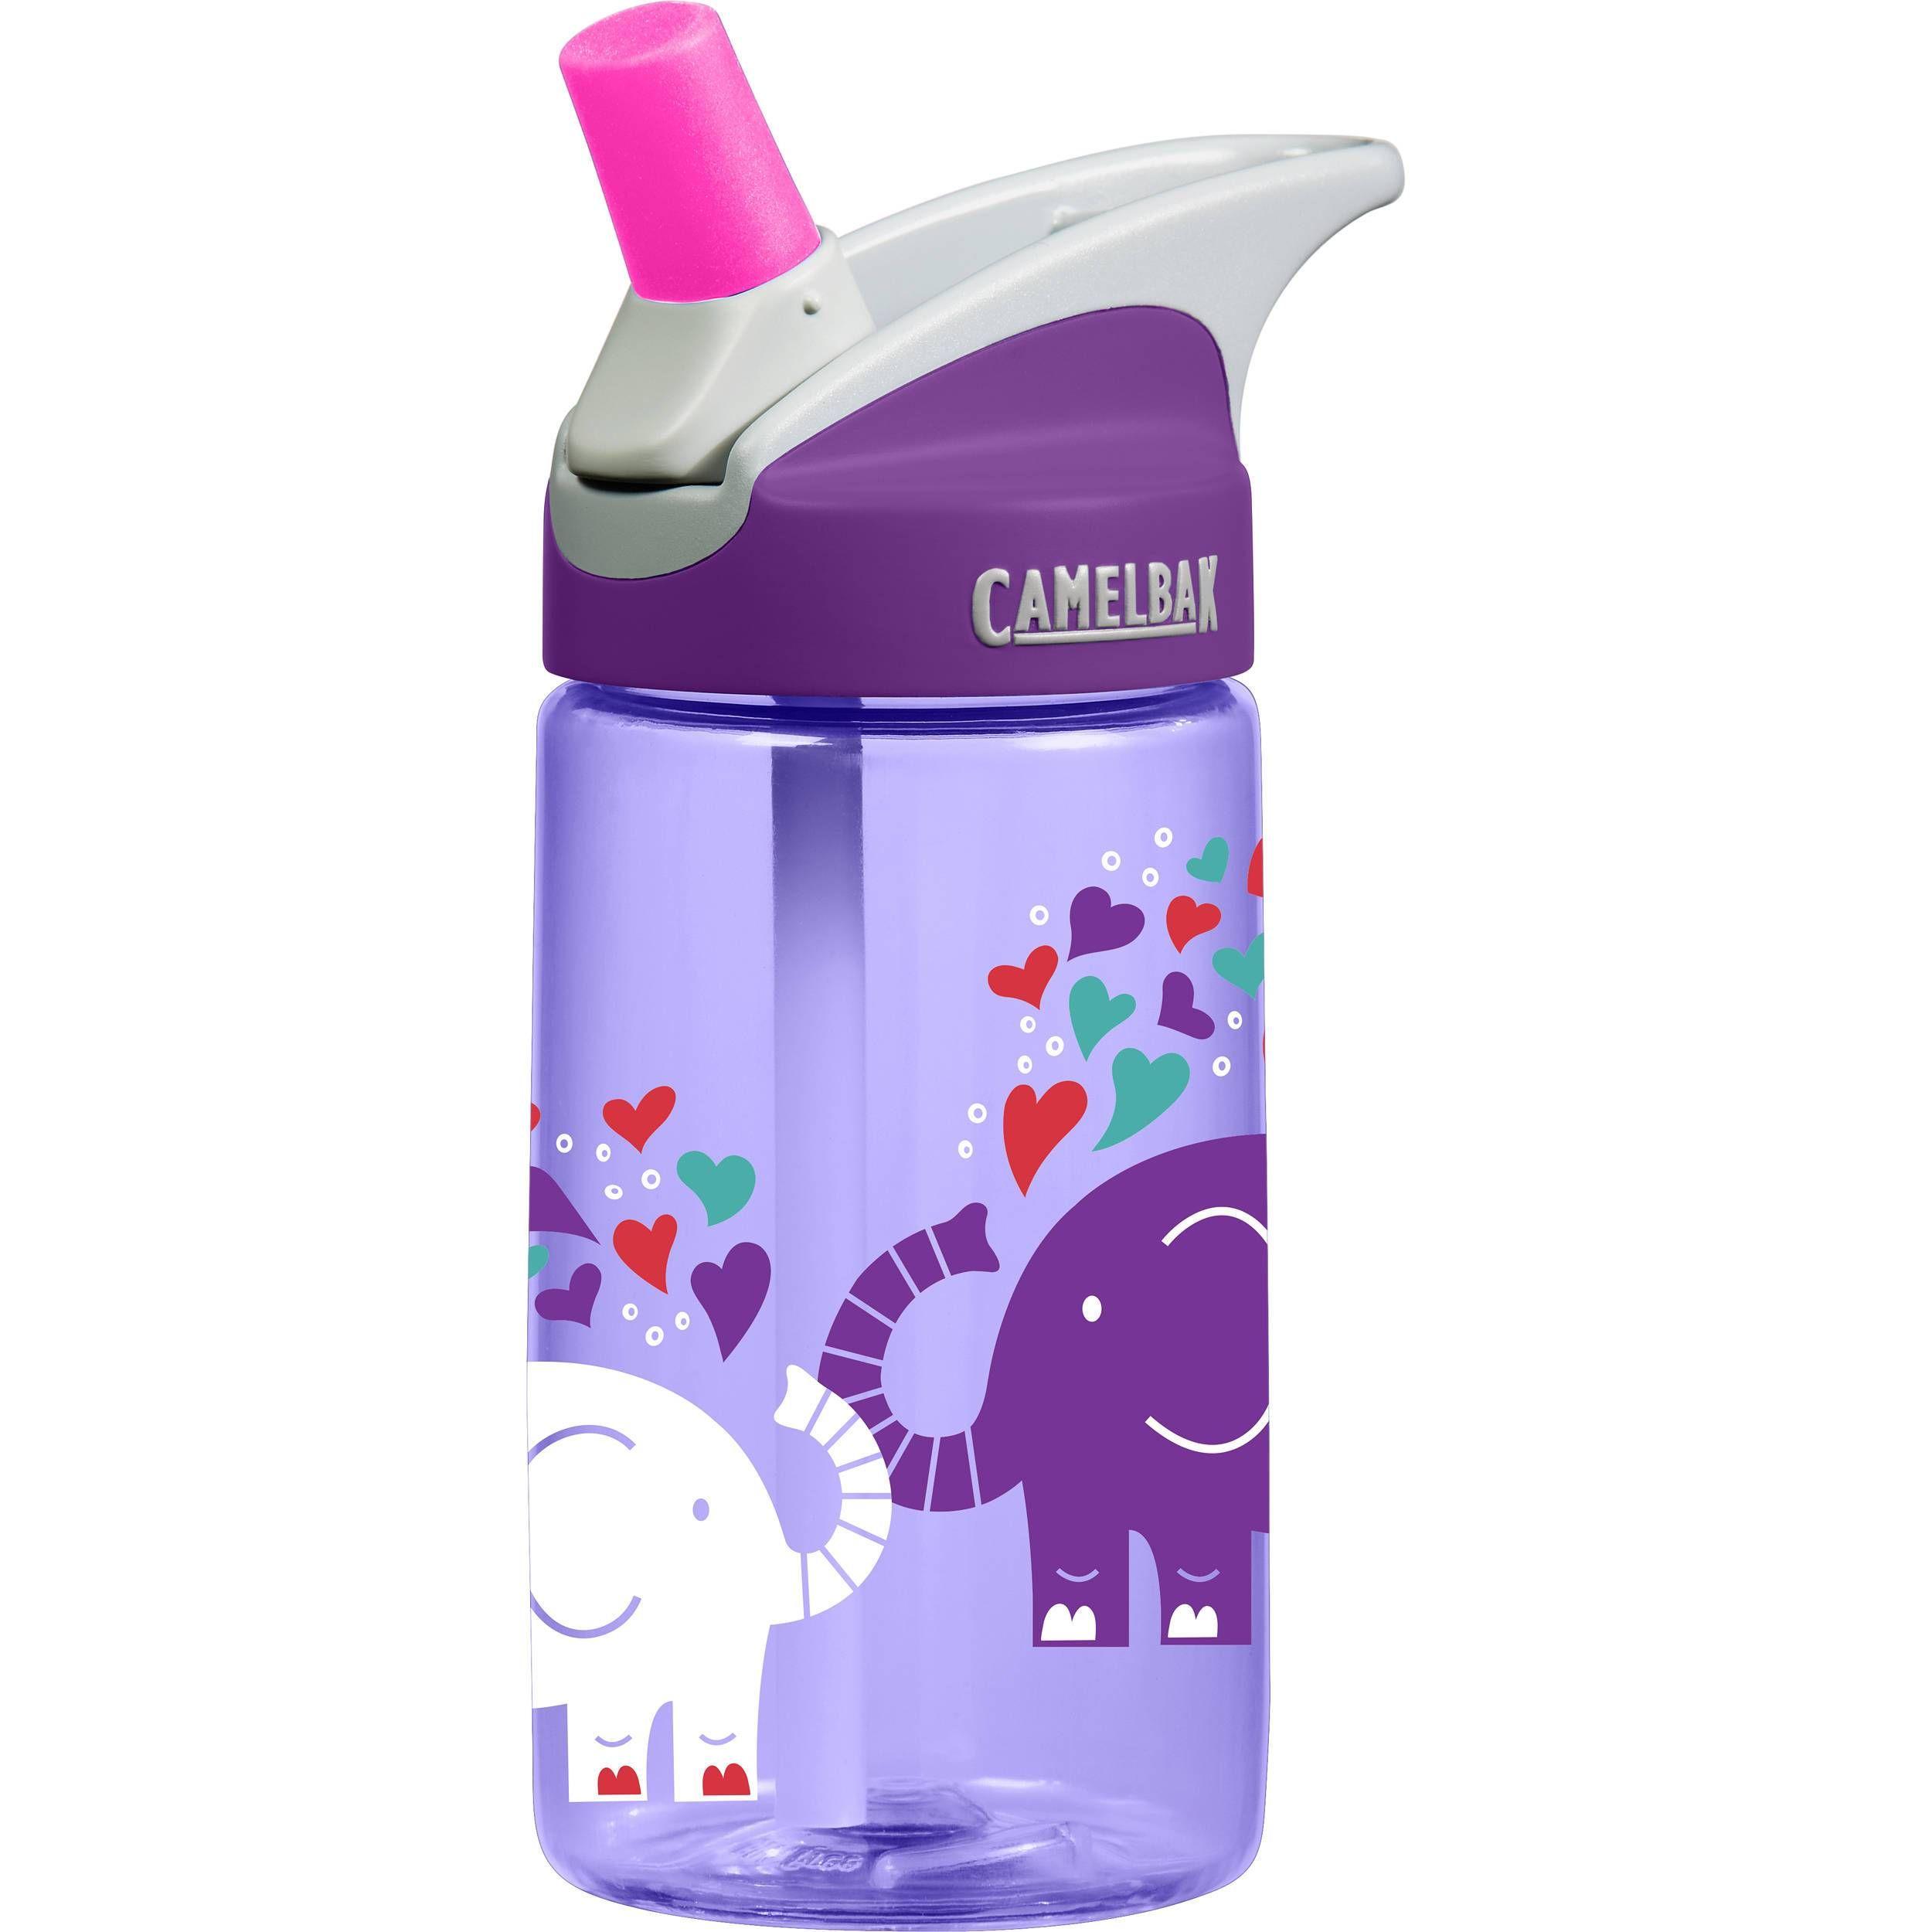 eddy Kids 400ml Grass Trinkflasche Camelbak Trinkflaschen & -halter Fahrradzubehör